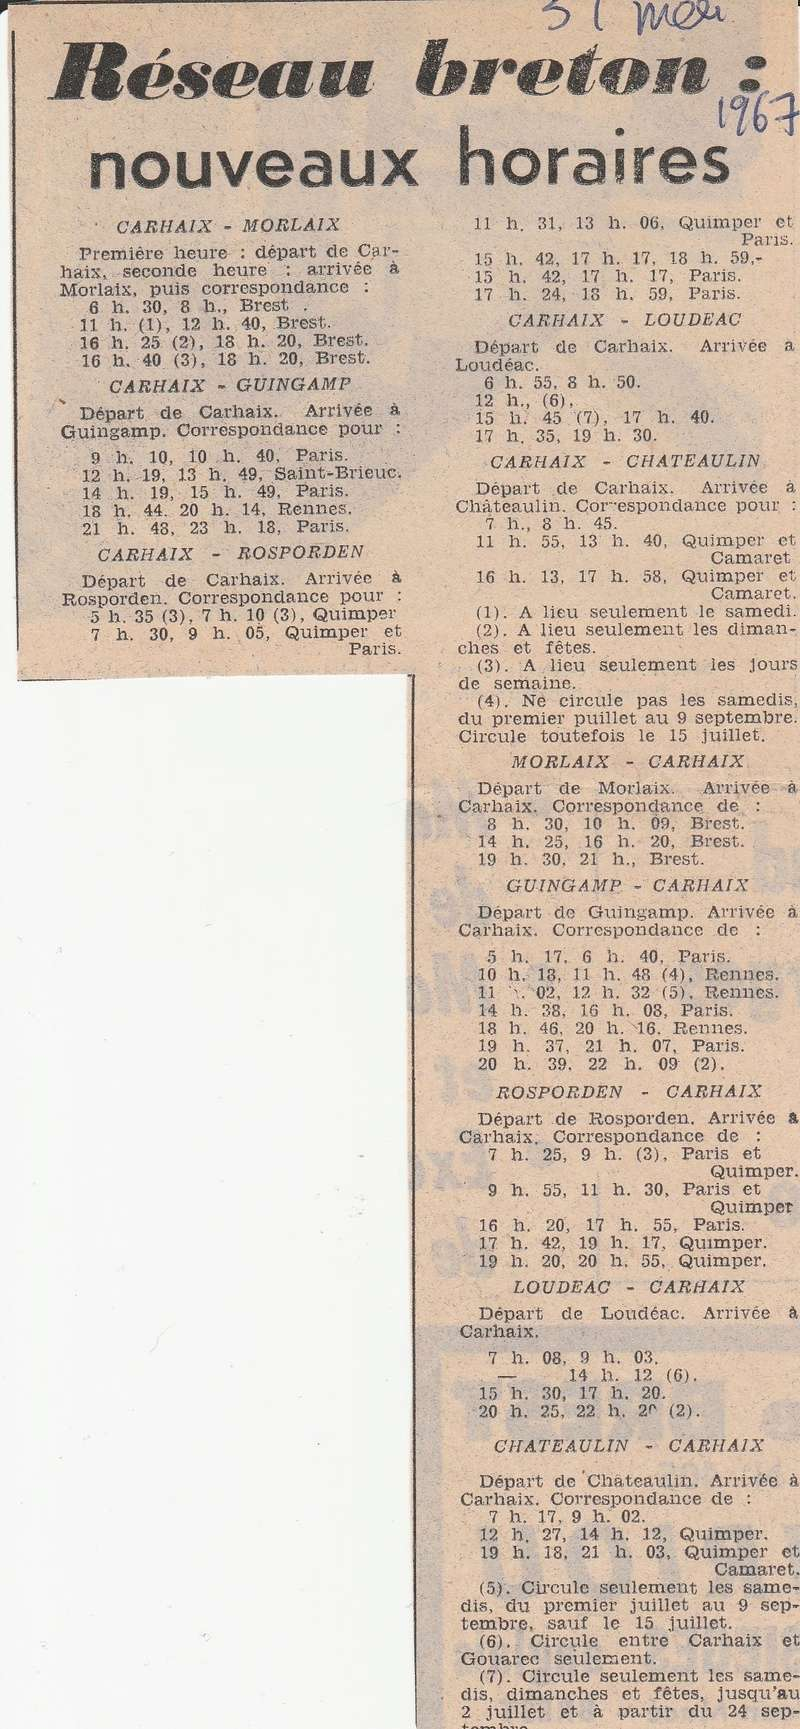 Réseau Breton - il y a 50 ans horaires d'été Rb_hor10